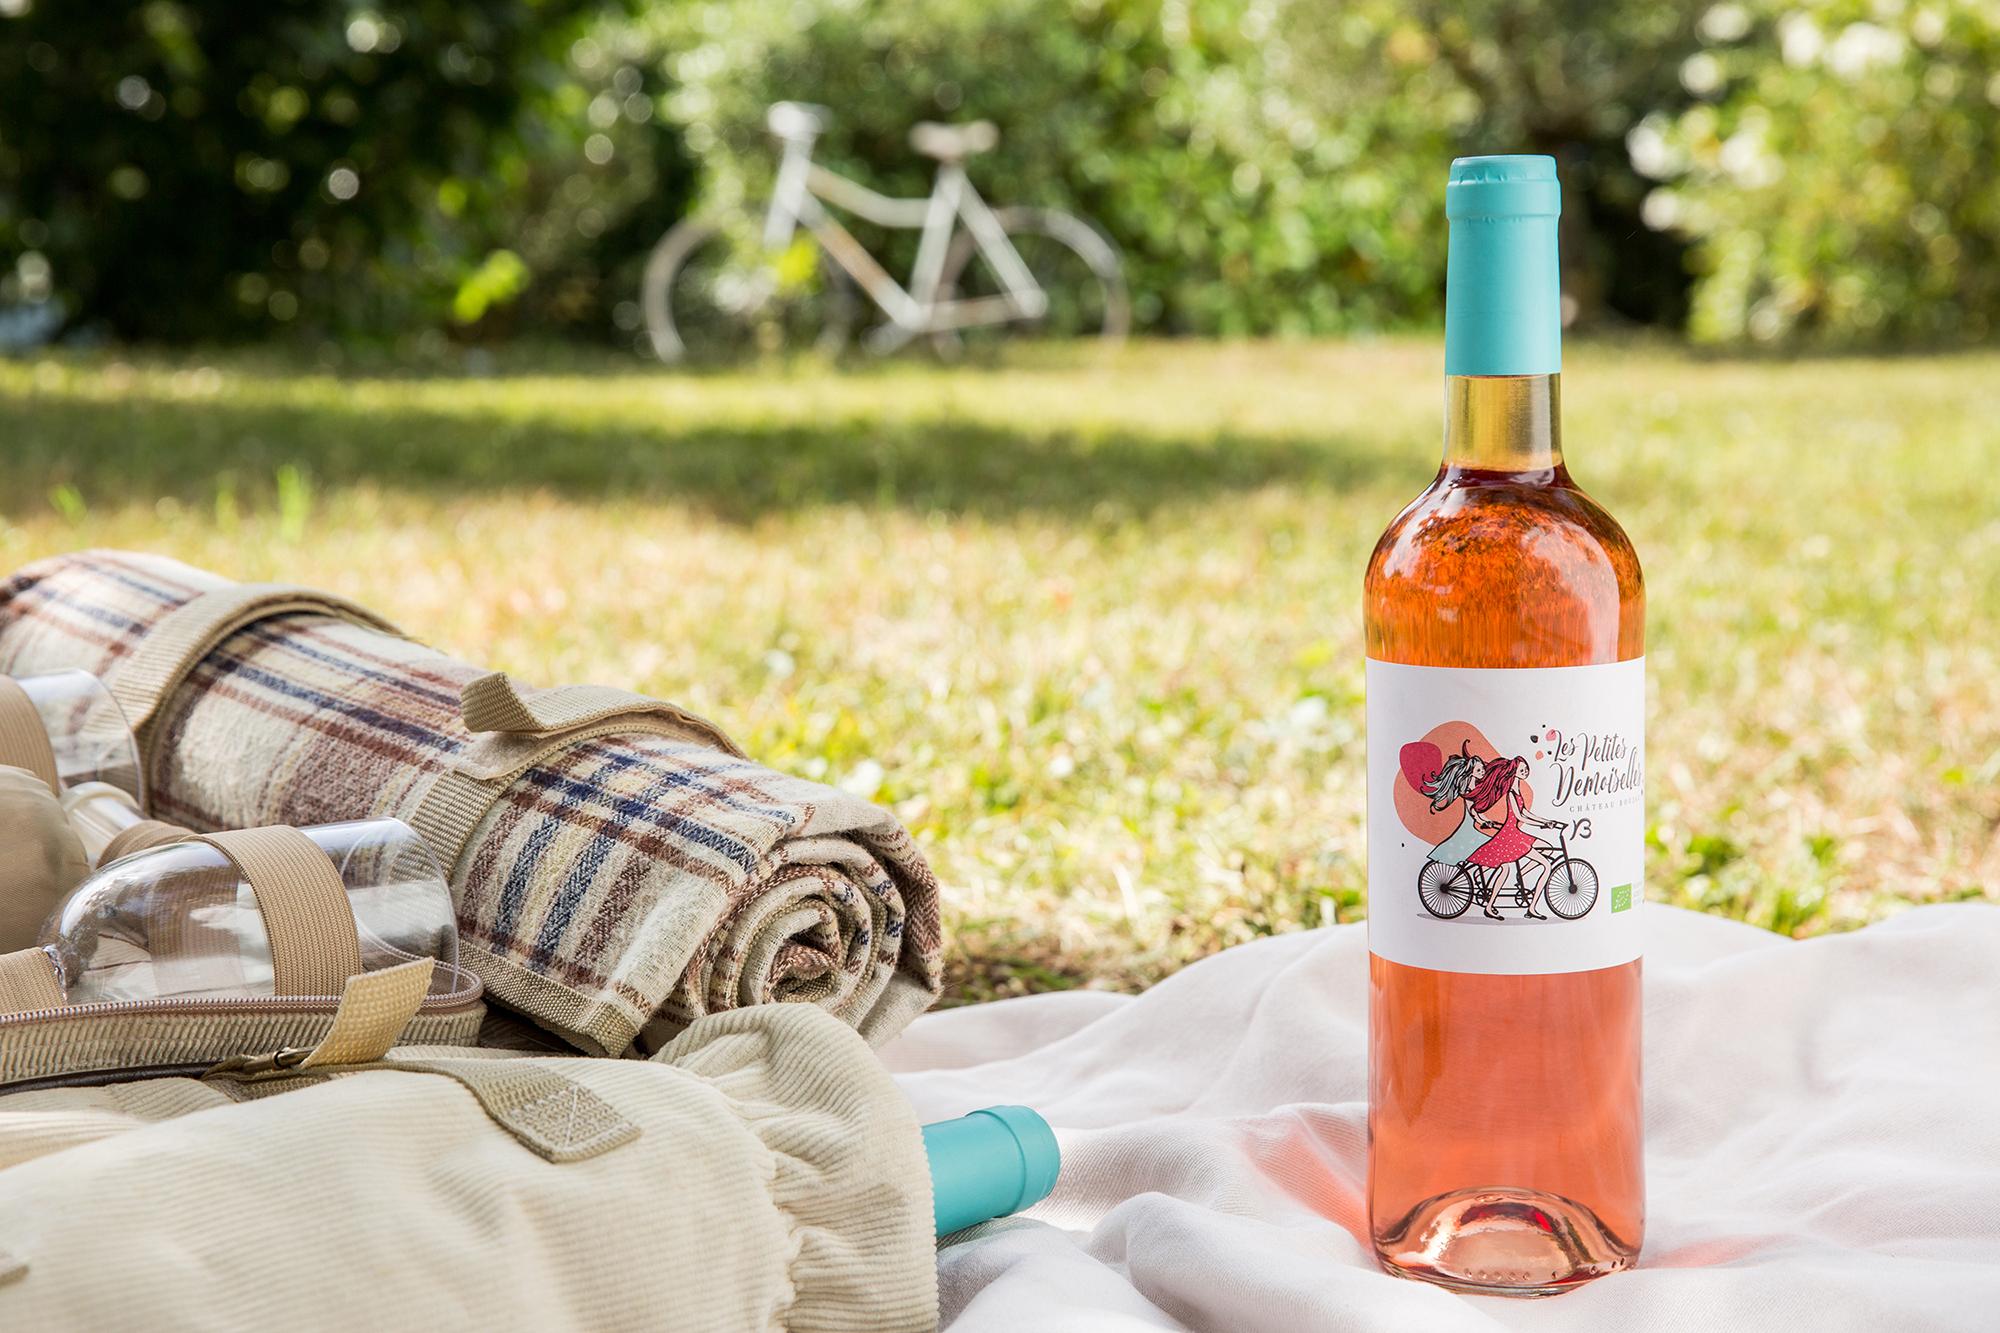 Une bouteille de vin rosé posée sur une nappe de pique-nique. On voit un vélo en arrière plan.